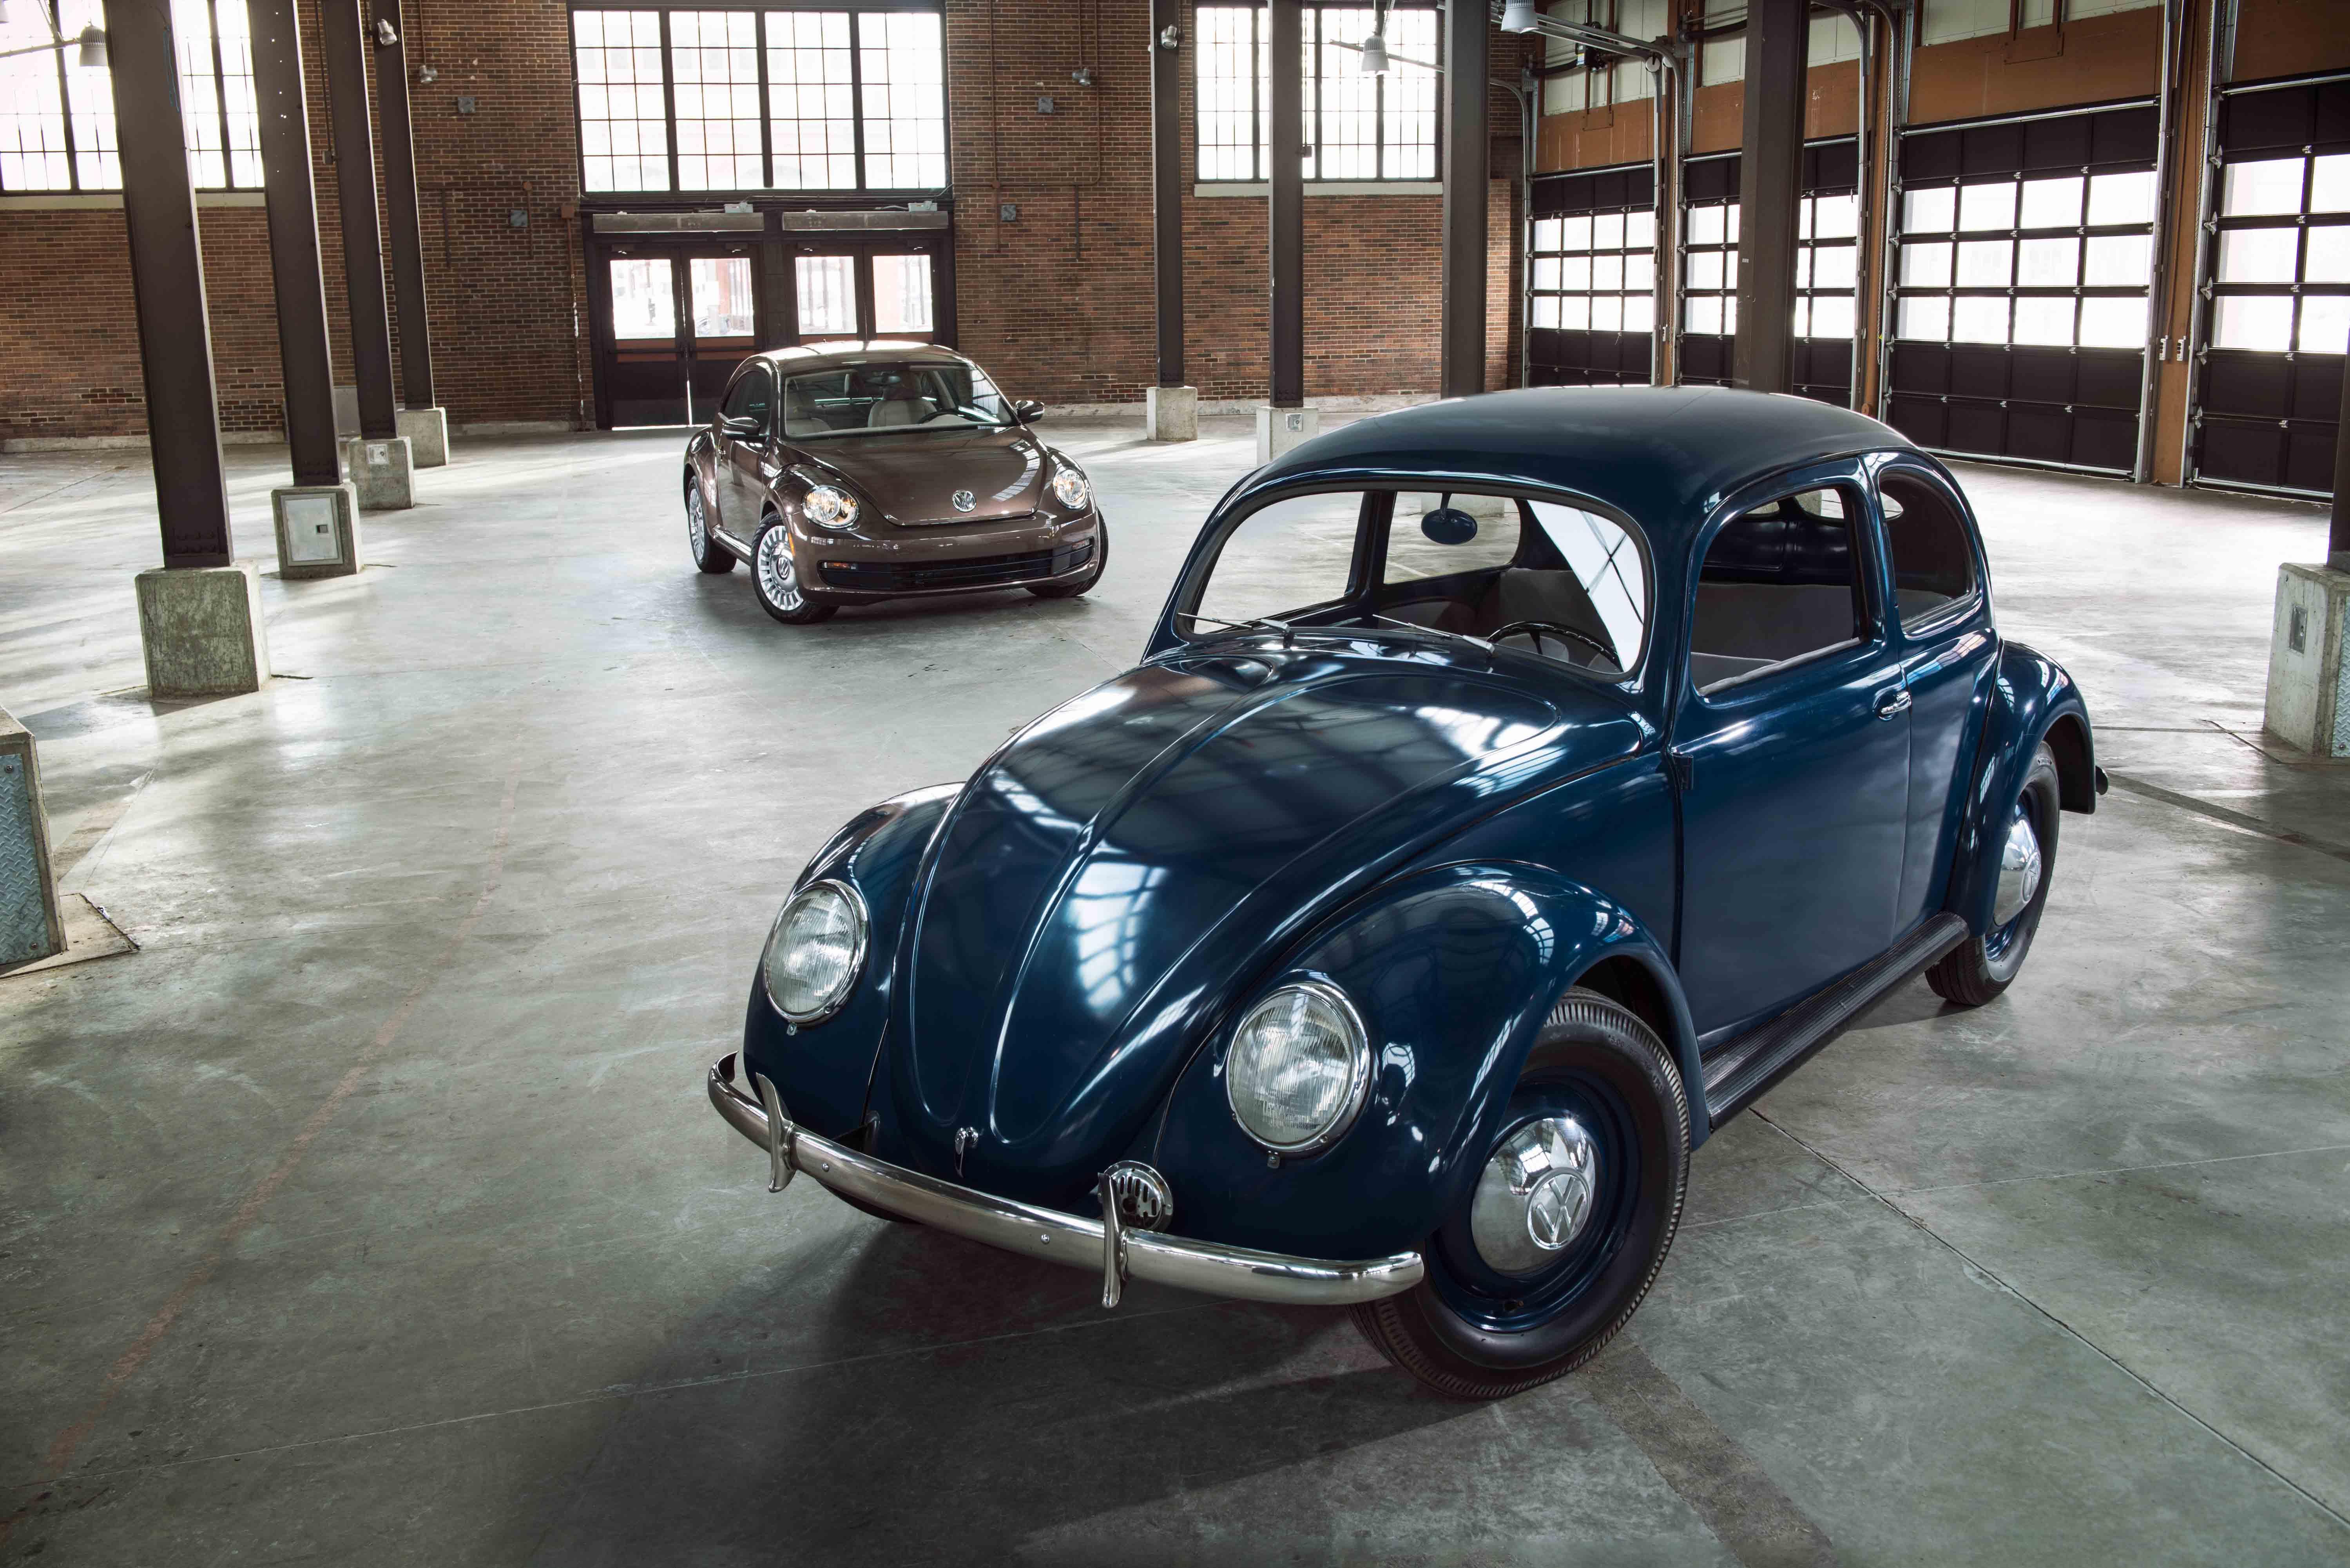 1949 Volkswagen front 3/4